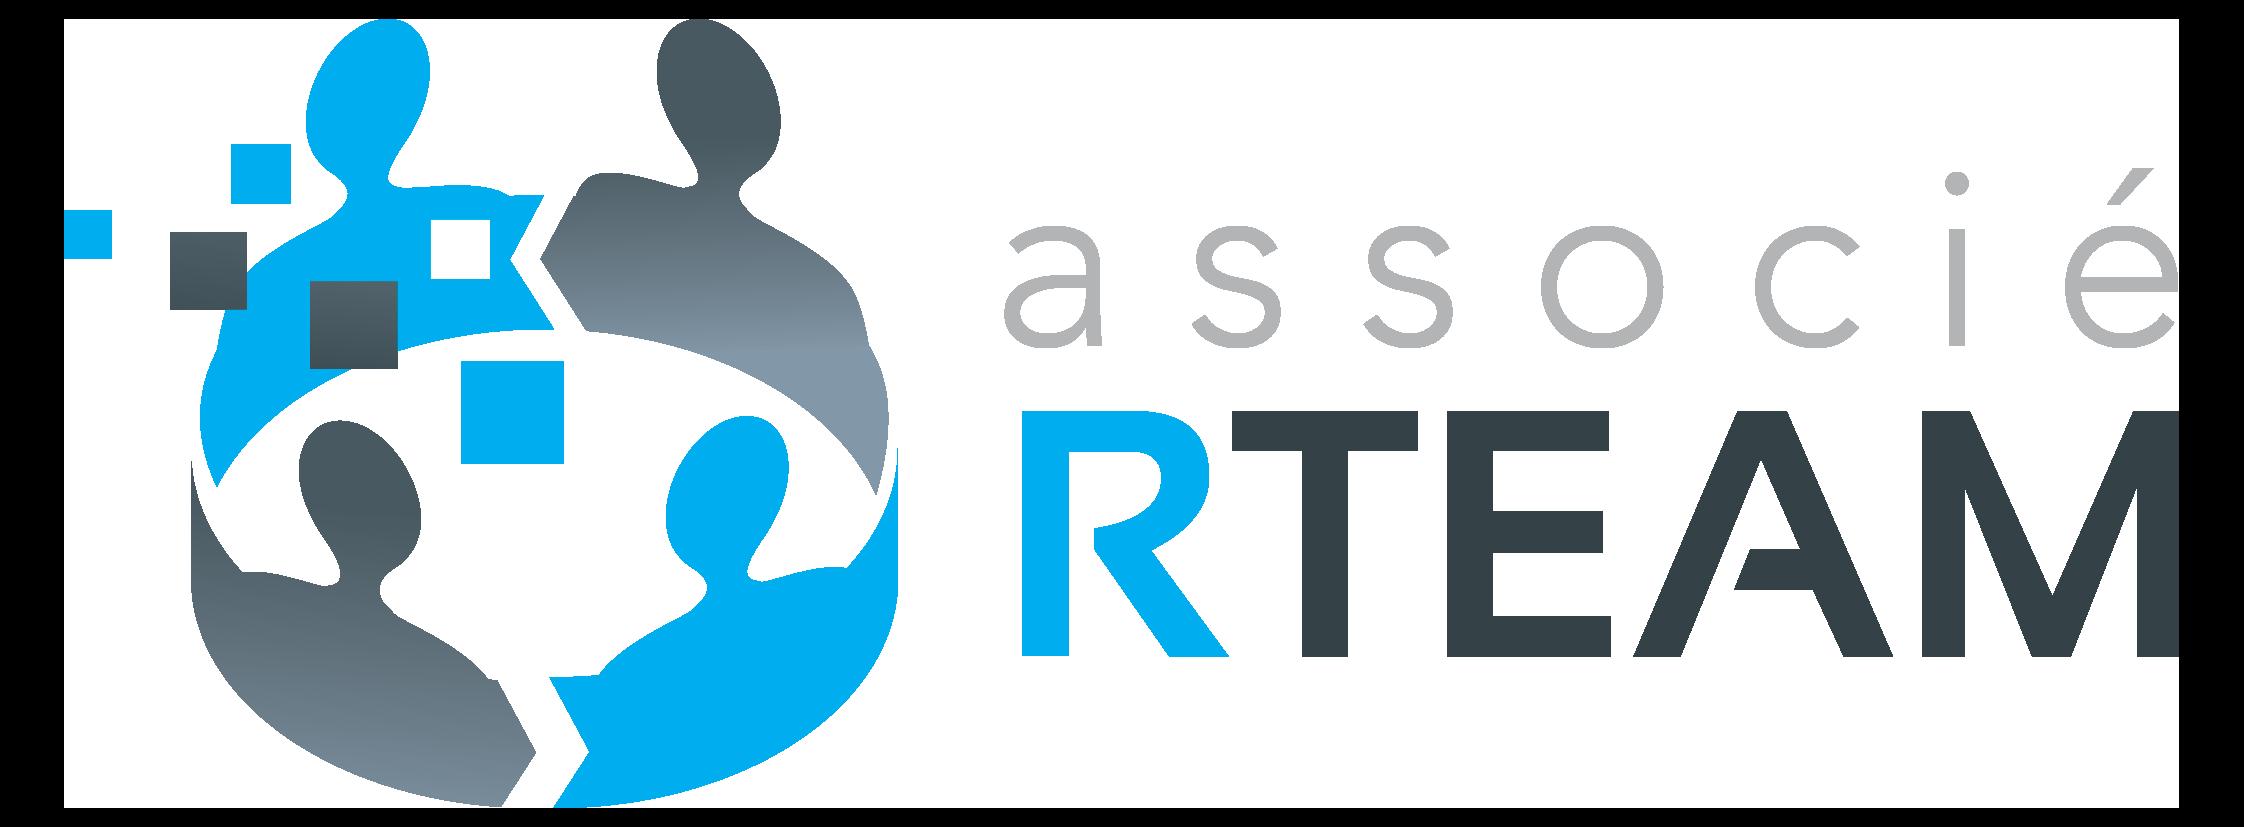 Associé RTEAM